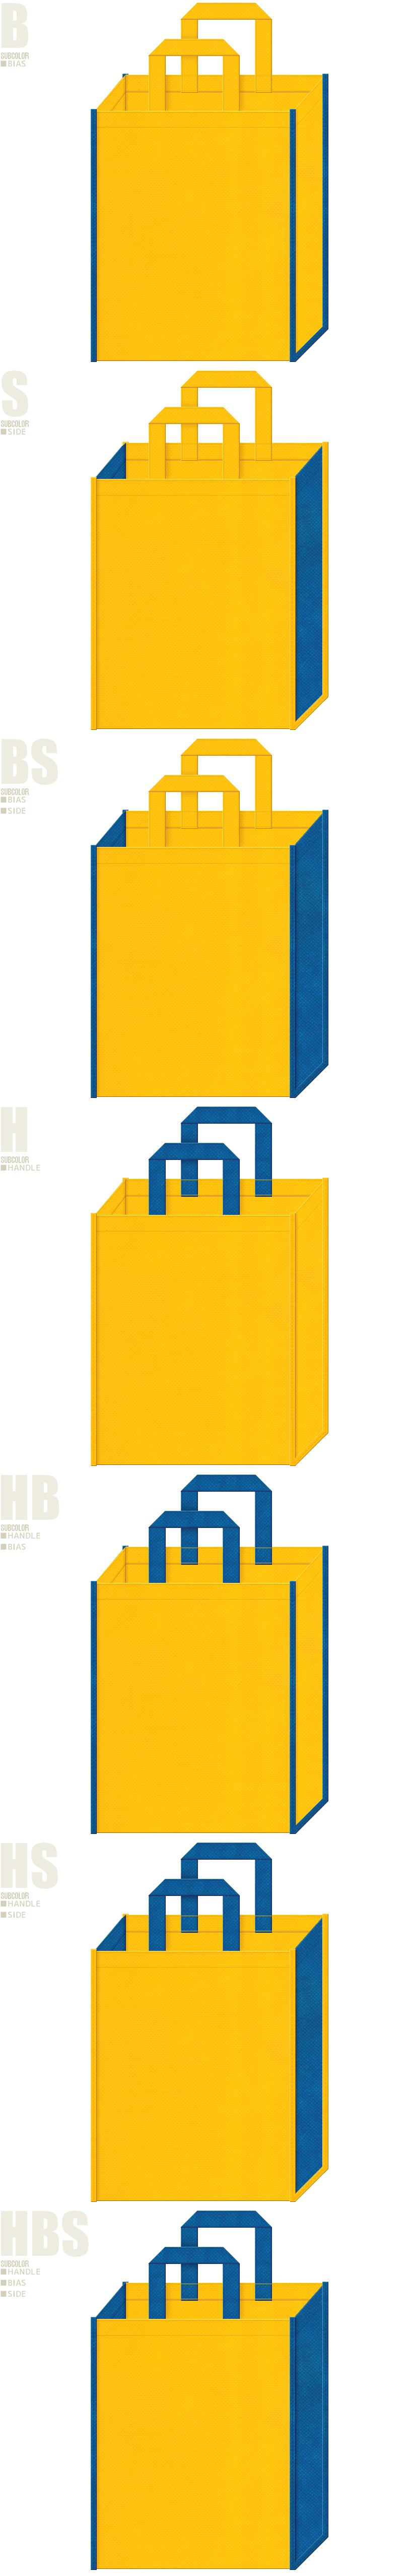 ゲーム・テーマパーク・ロボット・ラジコン・パズル・おもちゃ・こいのぼり・こどもの日・交通安全・レッスンバッグ・通園バッグ・キッズイベントにお奨めの不織布バッグデザイン:黄色と青色の配色7パターン